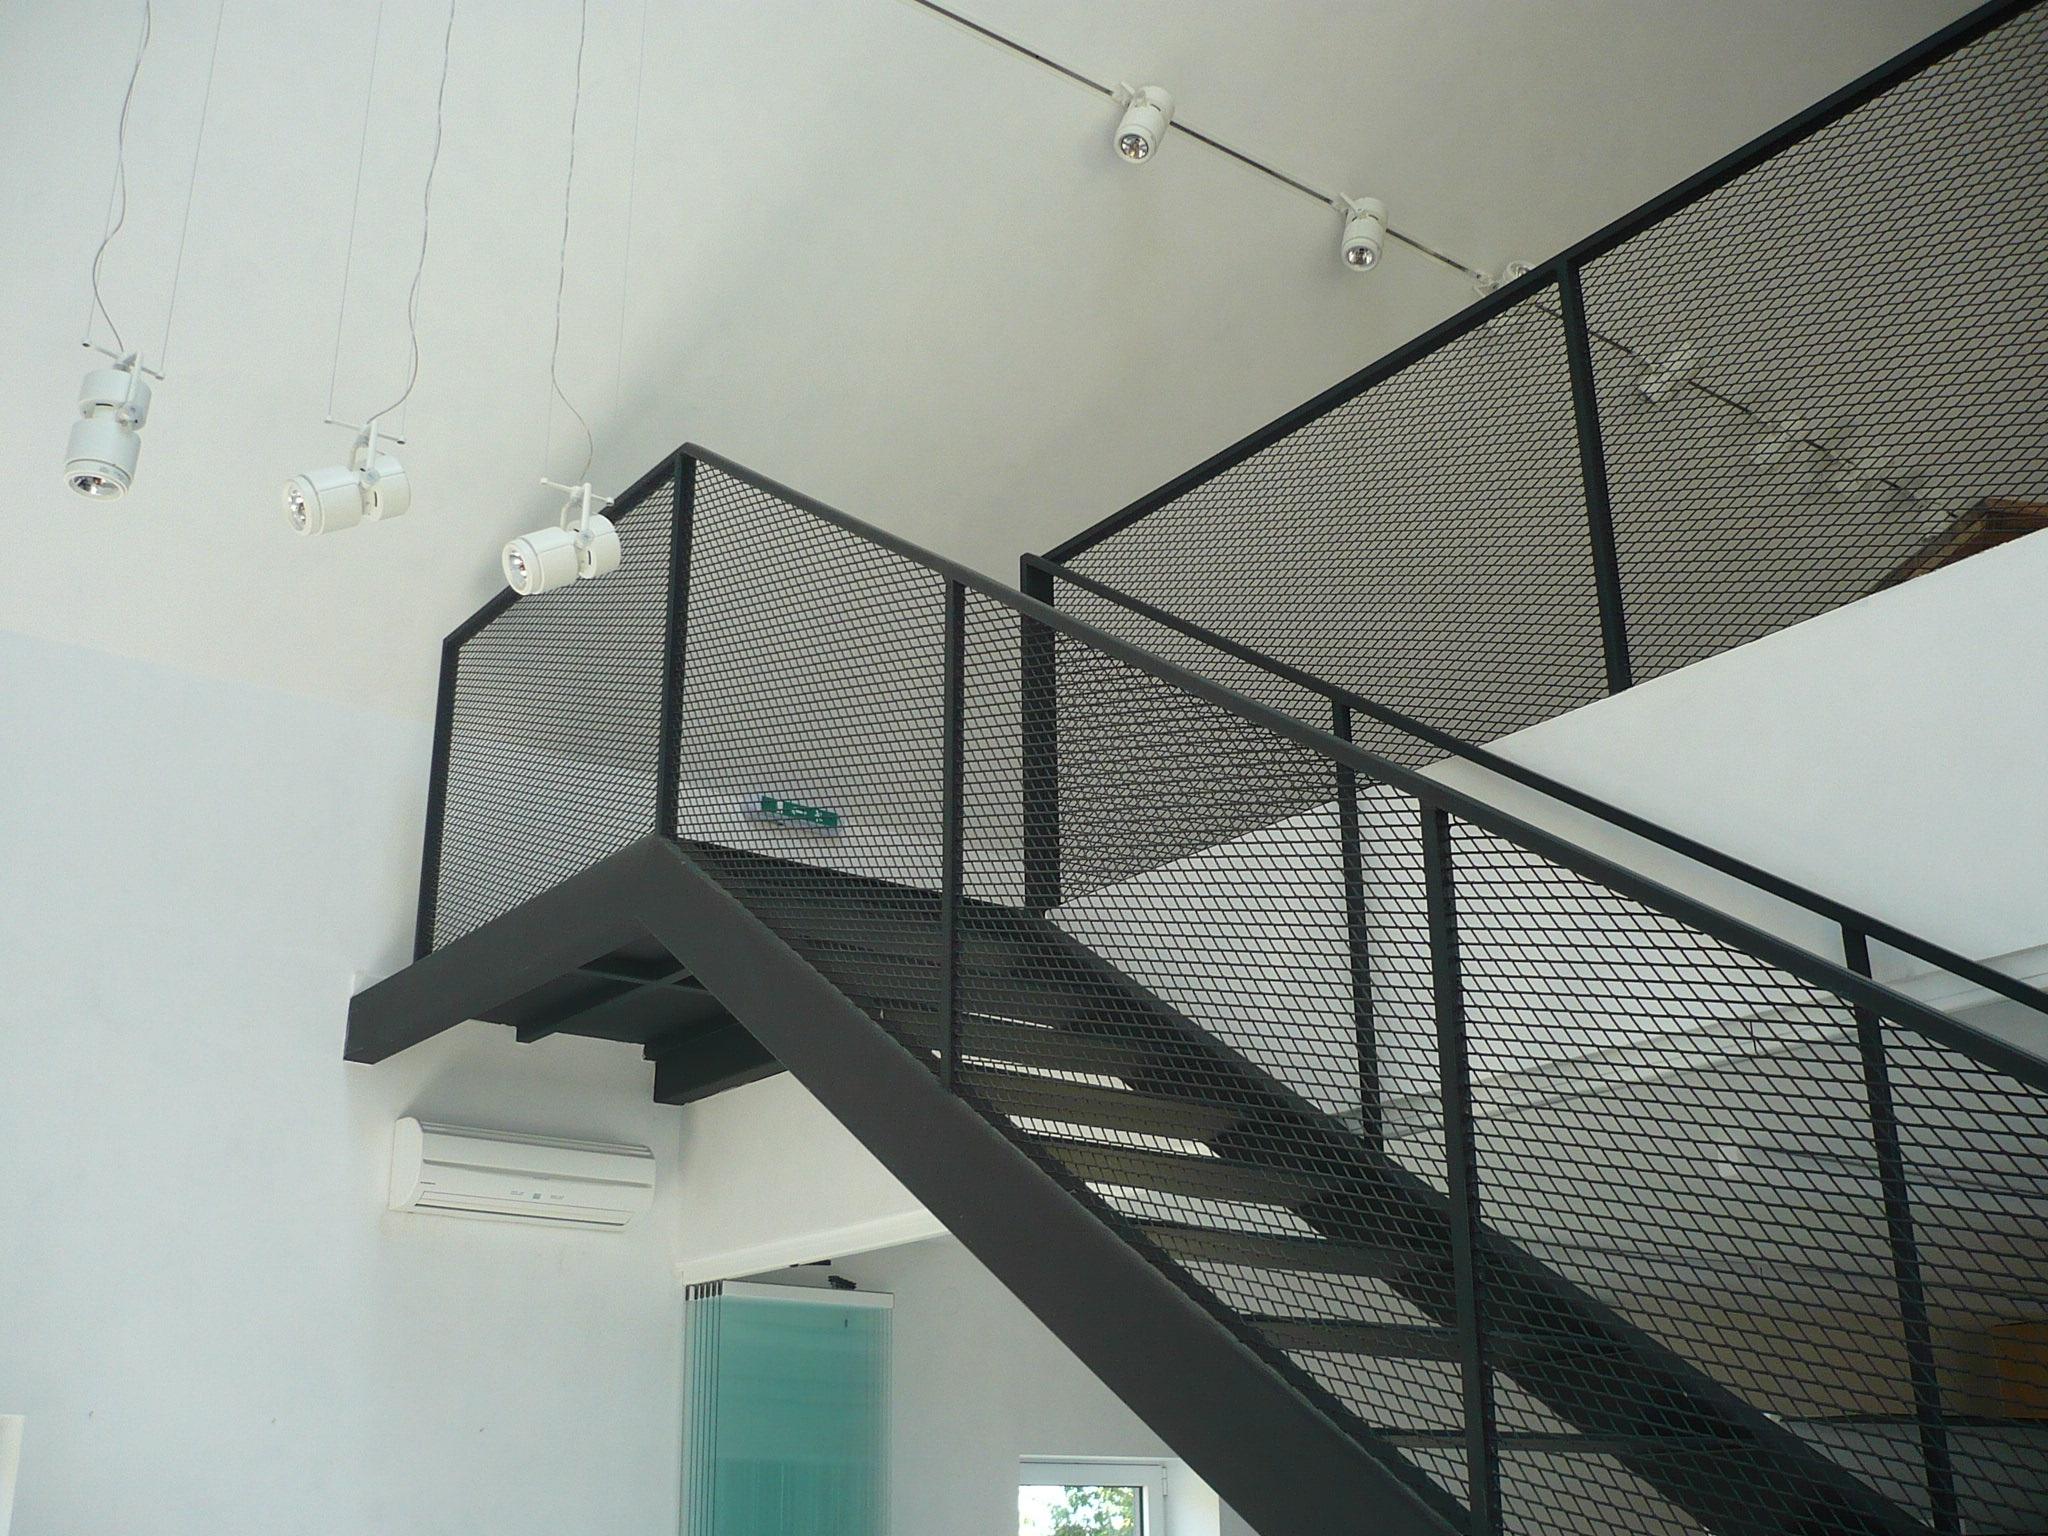 images gratuites architecture int rieur verre mur escalier plafond ligne m tal fa ade. Black Bedroom Furniture Sets. Home Design Ideas